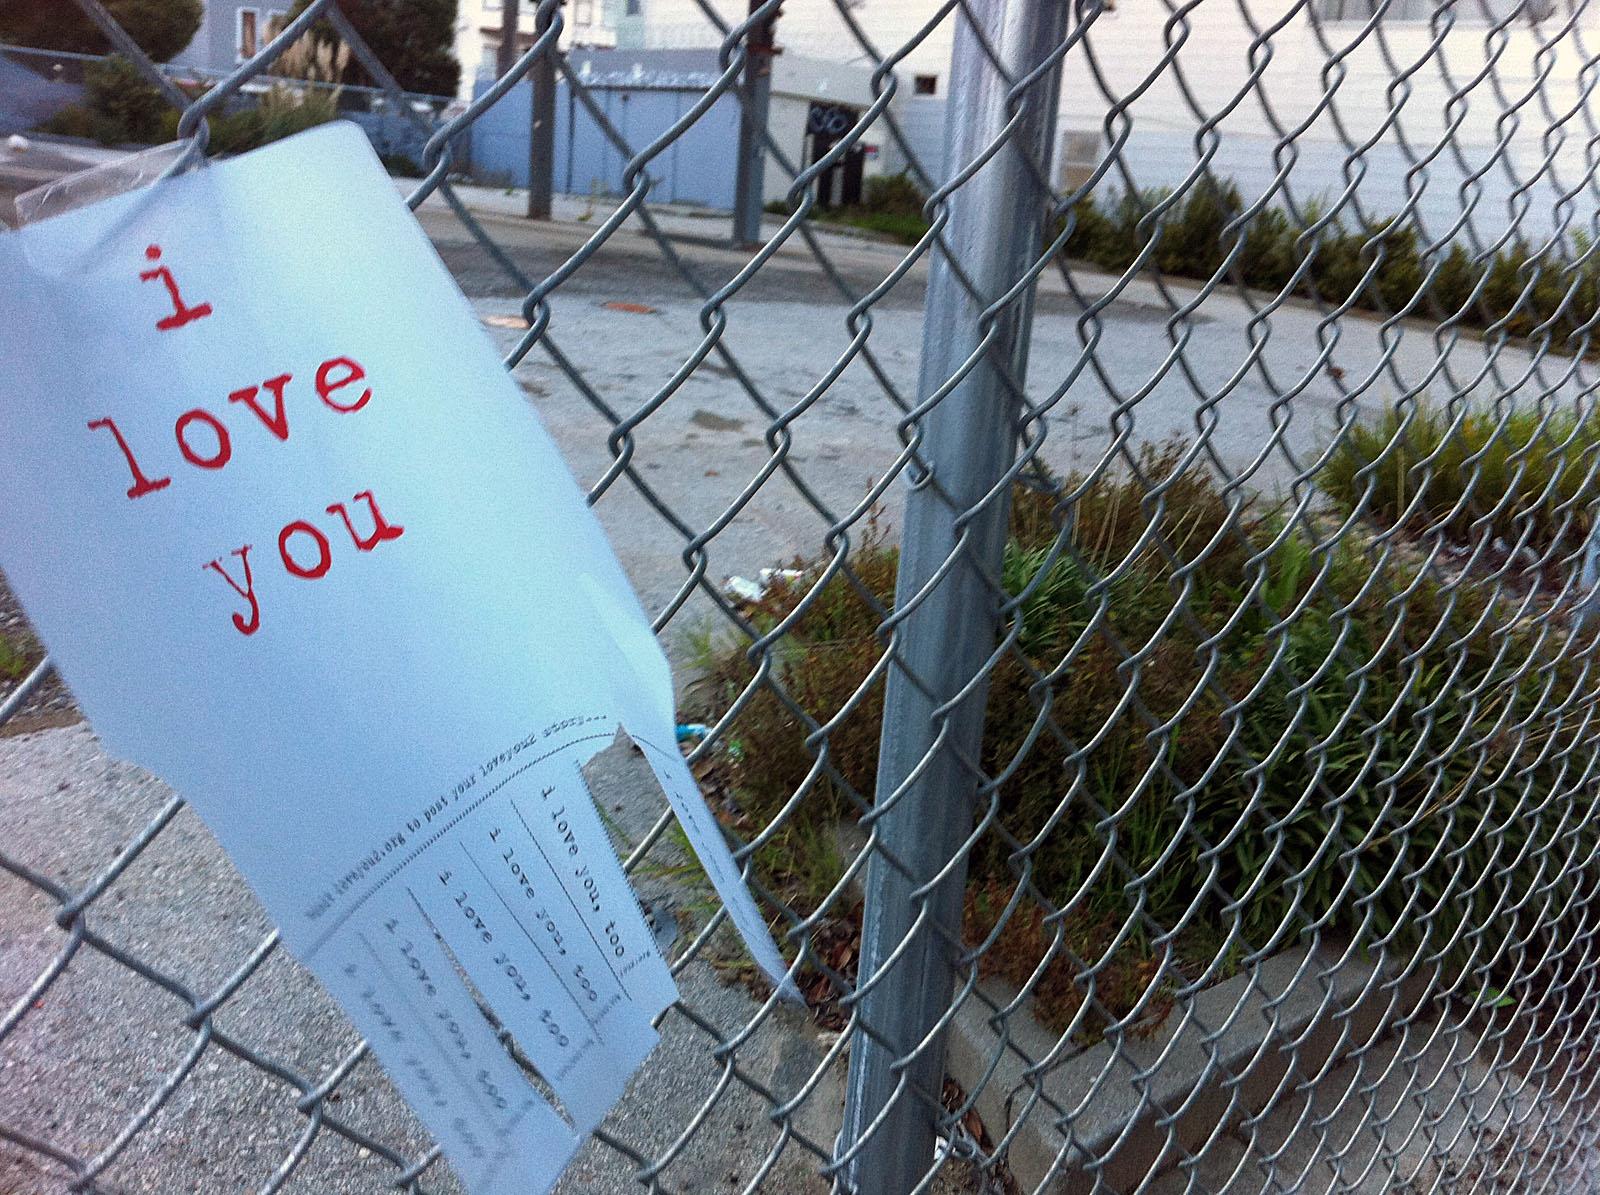 I Love You.  Really?